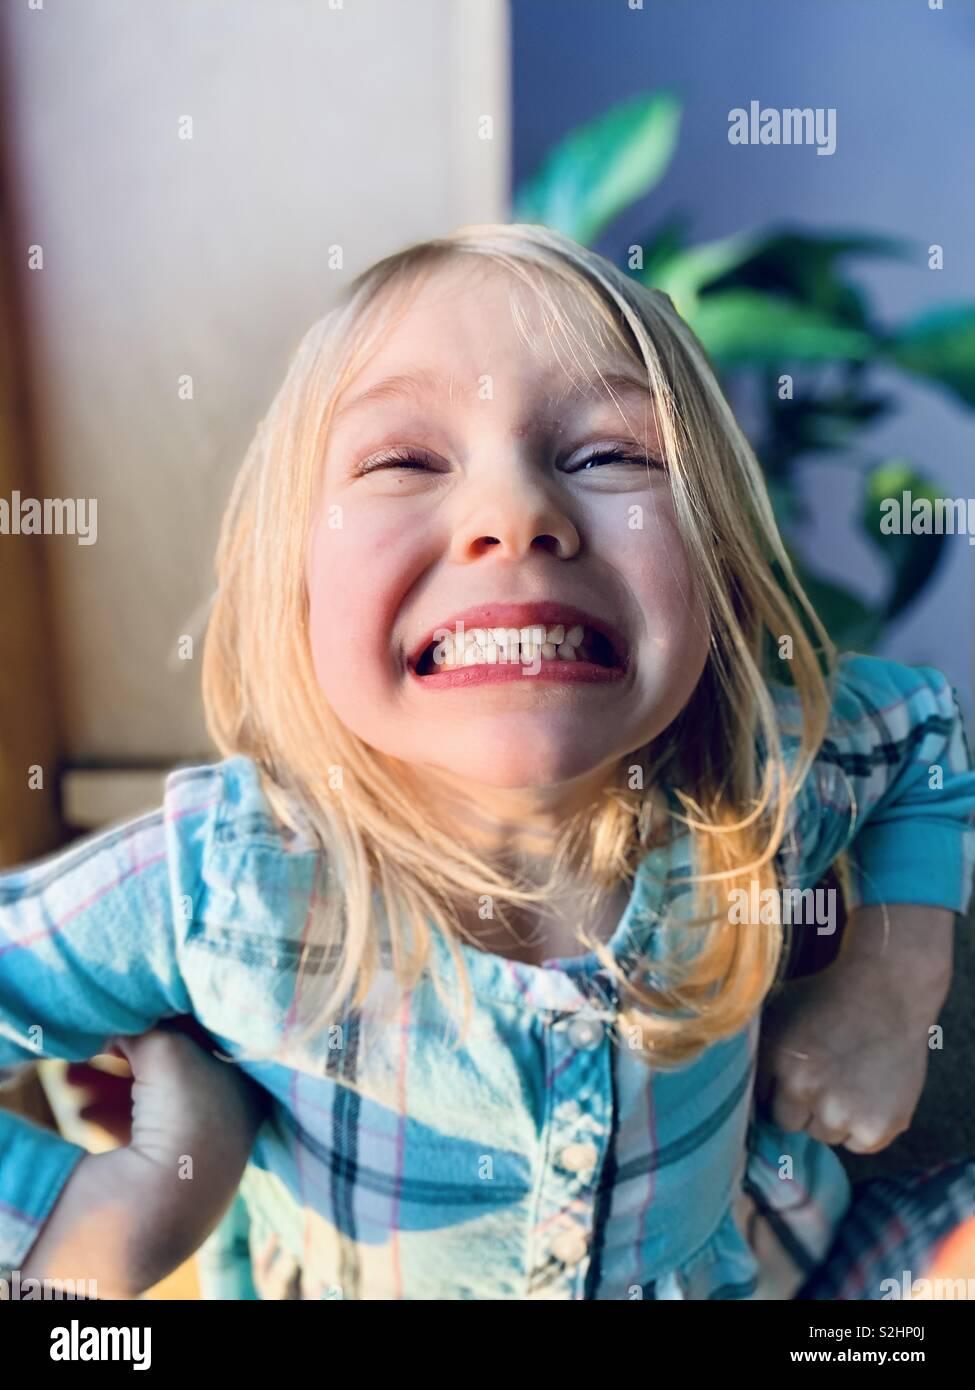 Jeune fille blonde avec un grand sourire. Photo Stock